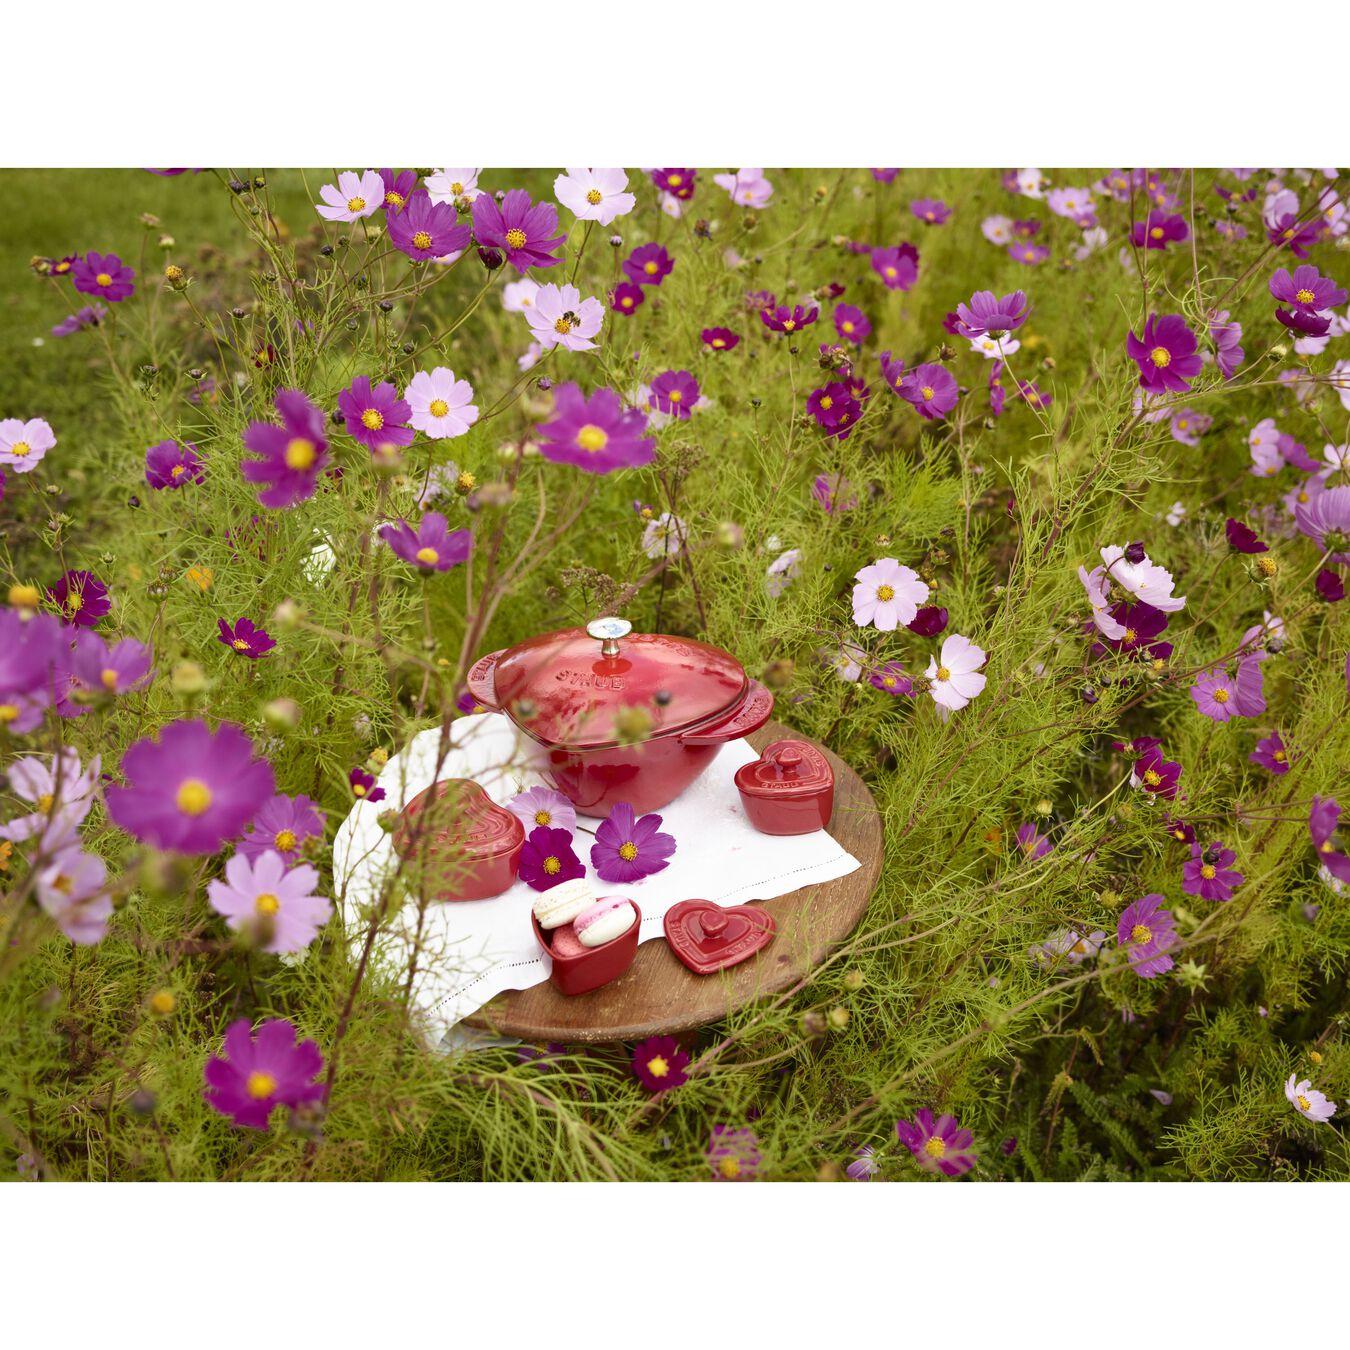 Cocotte en fonte 20 cm / 1,75 l, Coeur, Cerise,,large 7